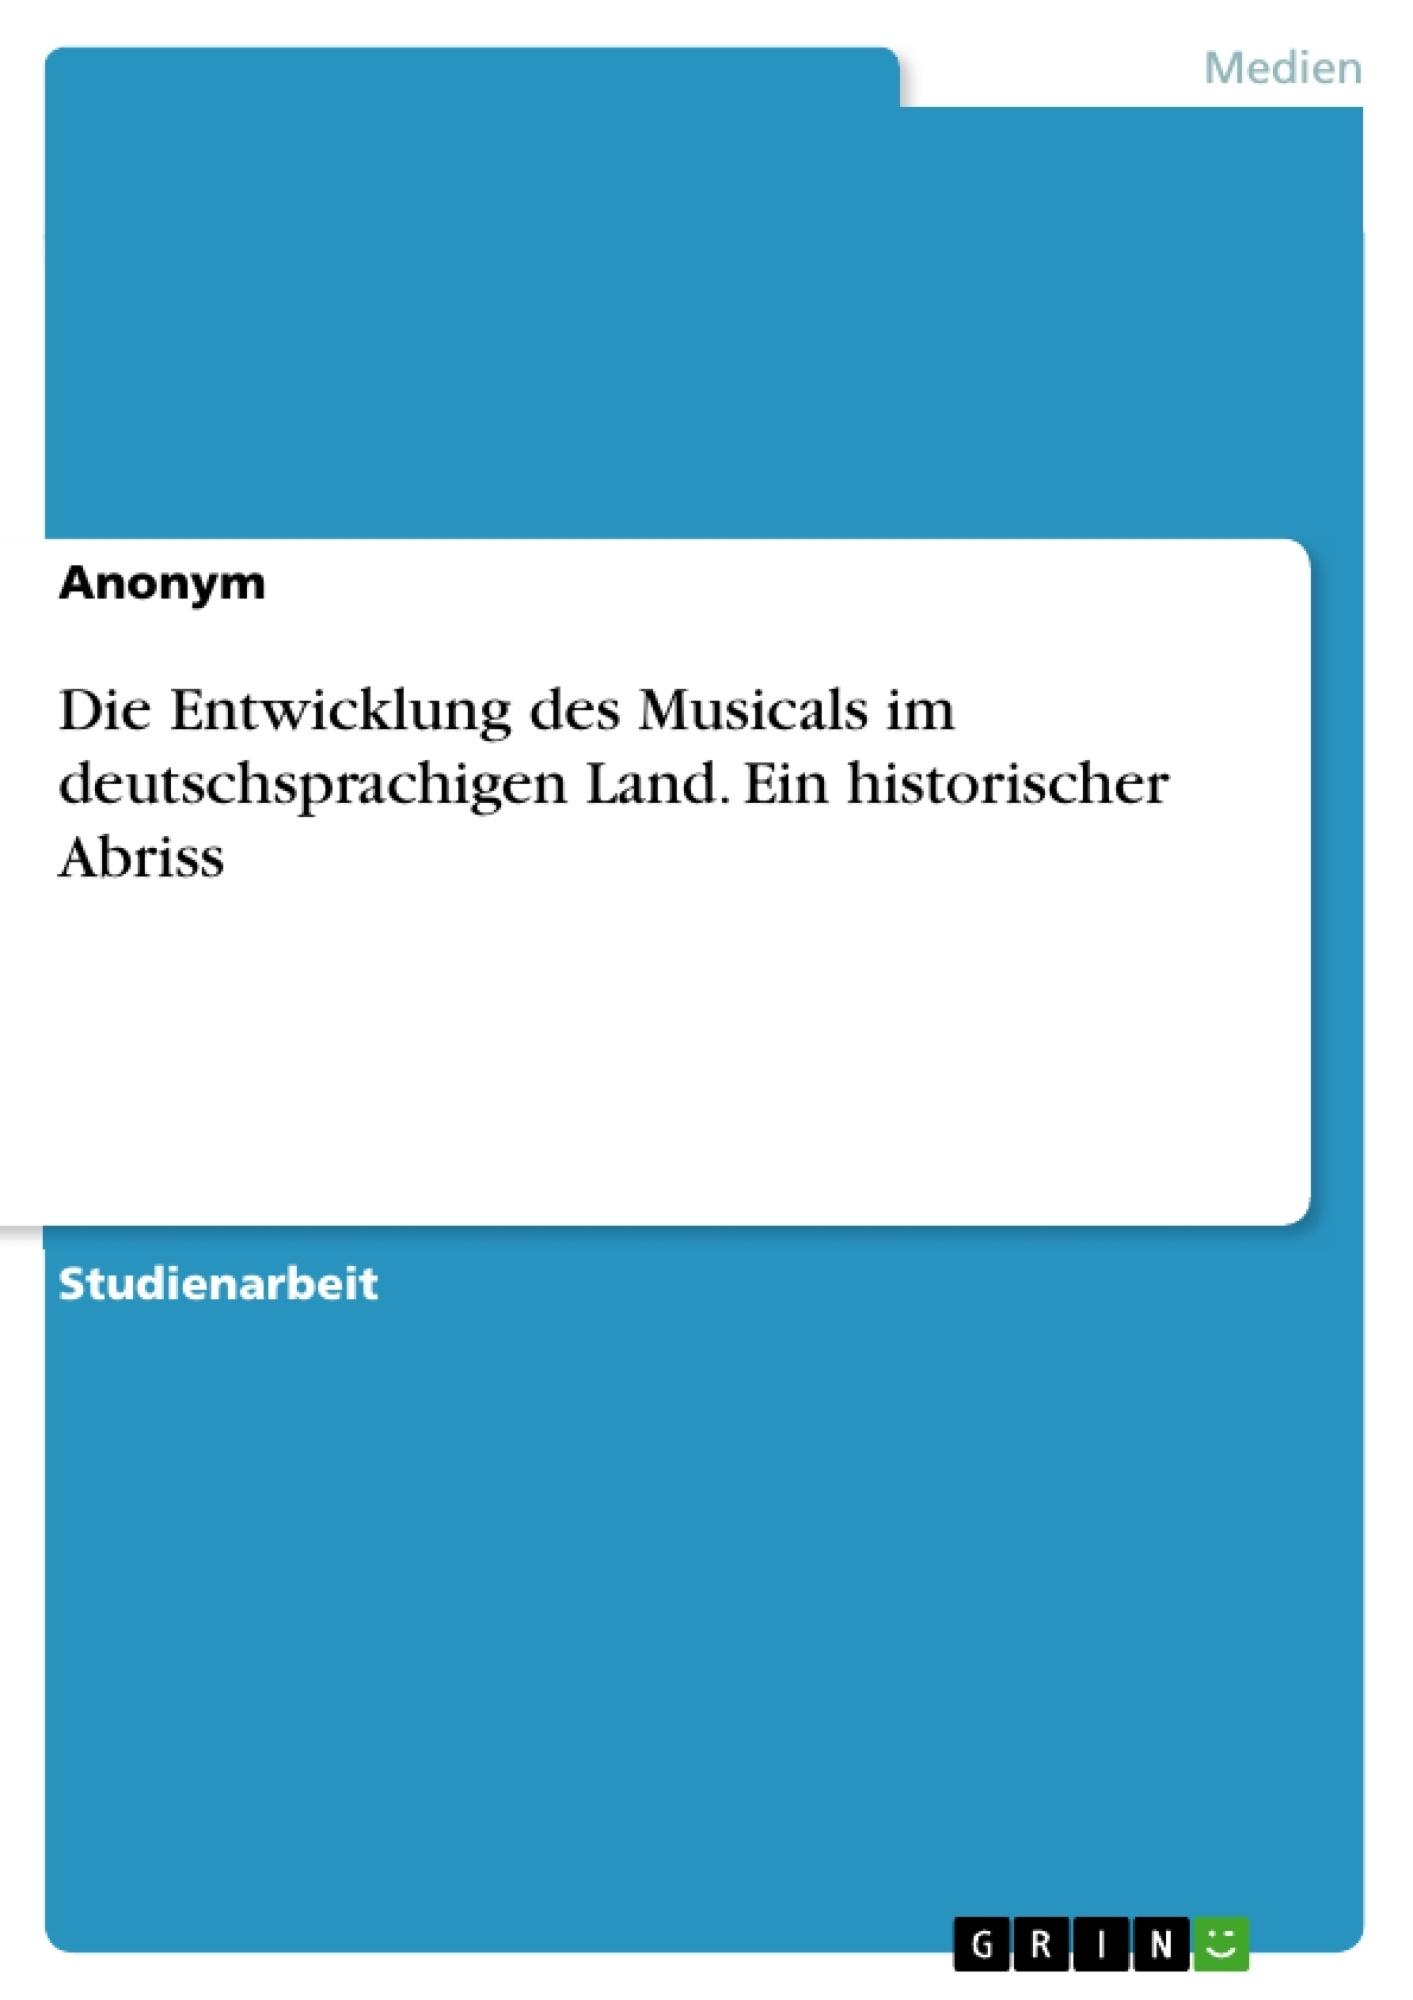 Titel: Die Entwicklung des Musicals im deutschsprachigen Land. Ein historischer Abriss